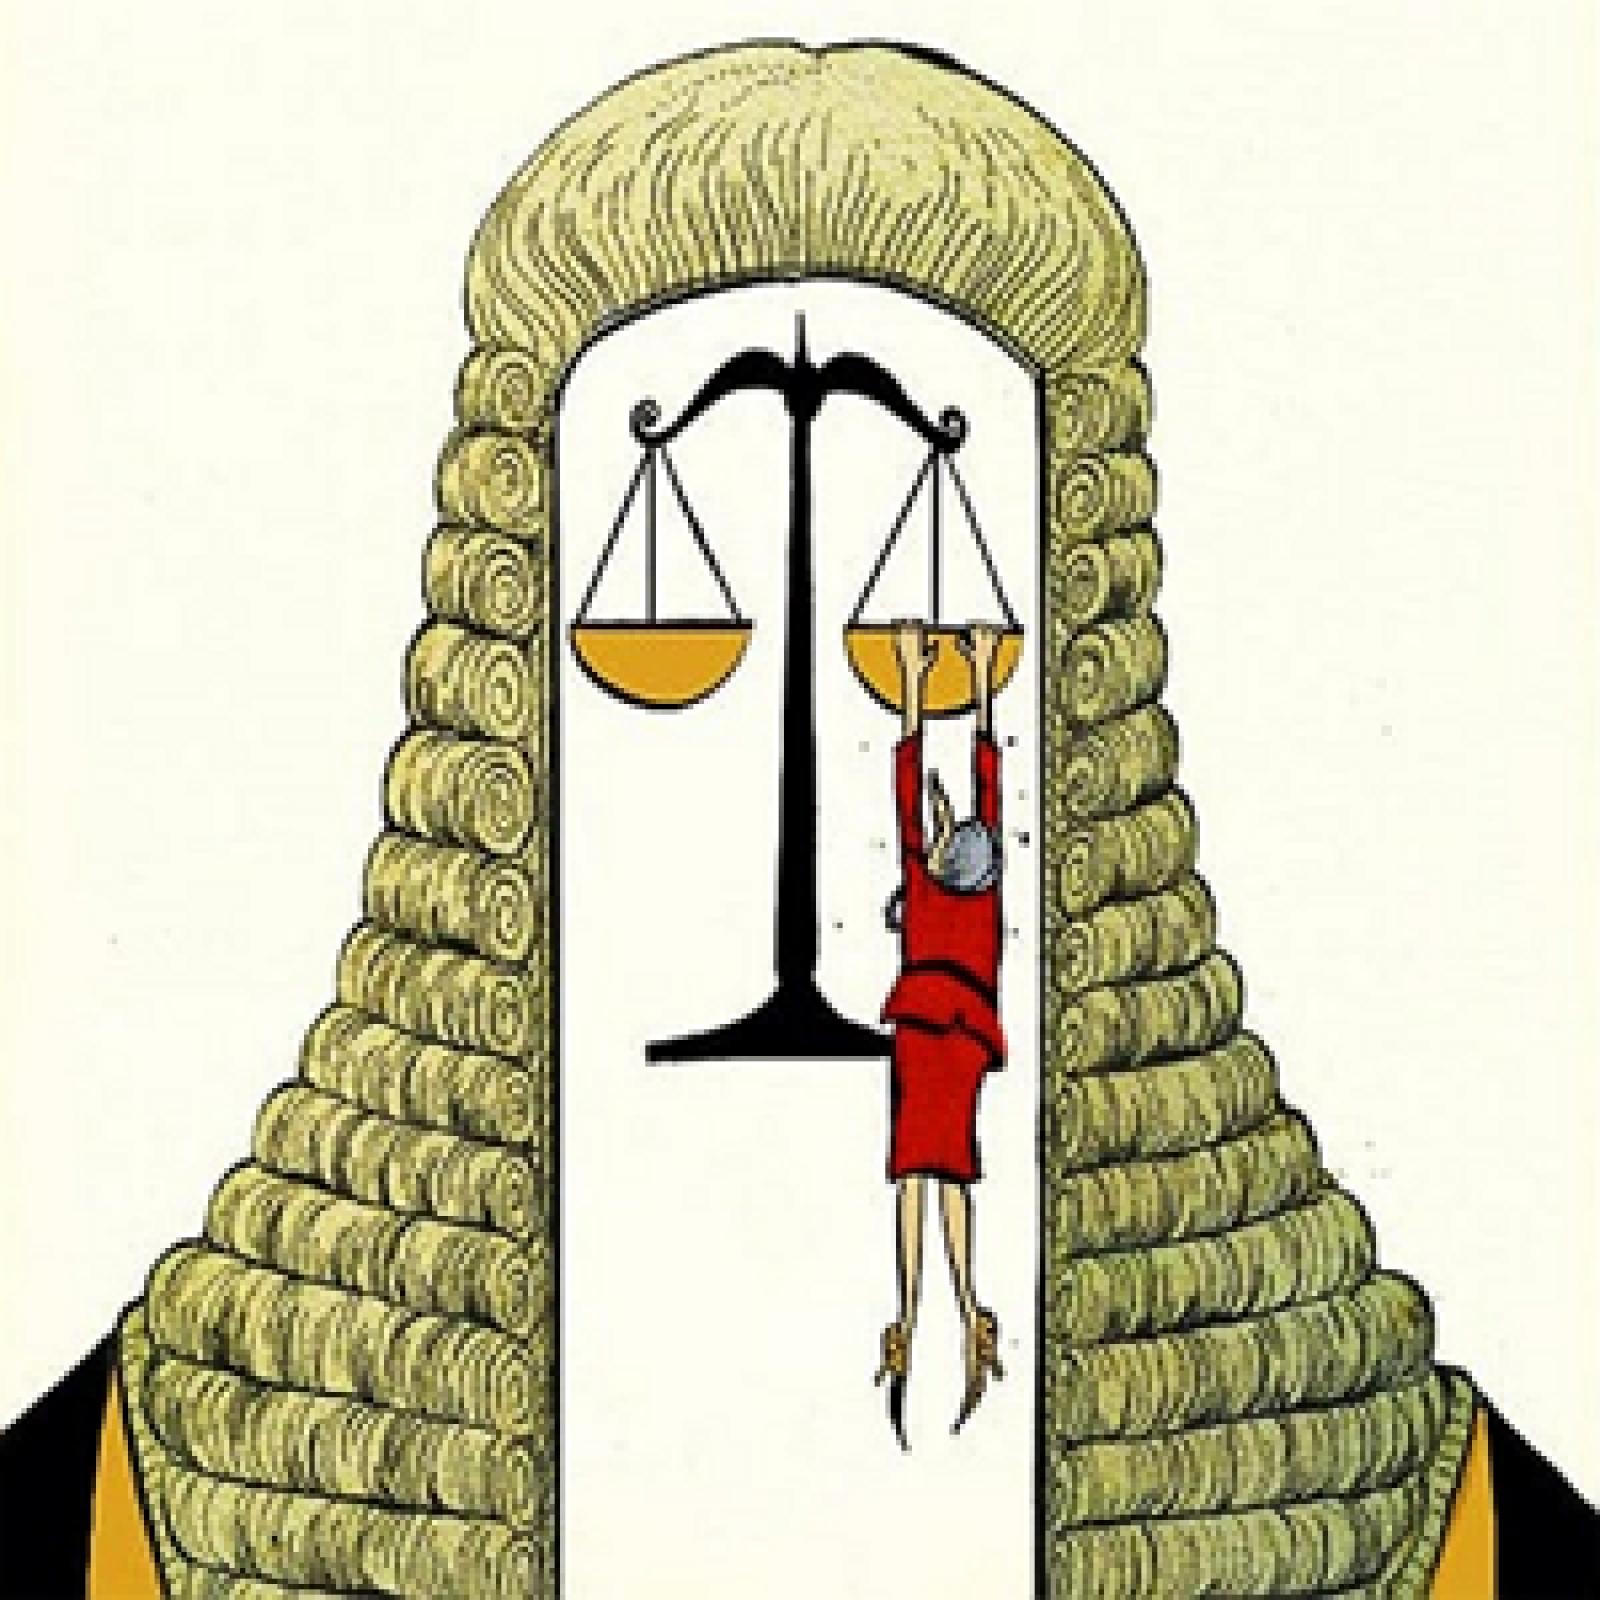 La condanna per lite temeraria non è incostituzionale